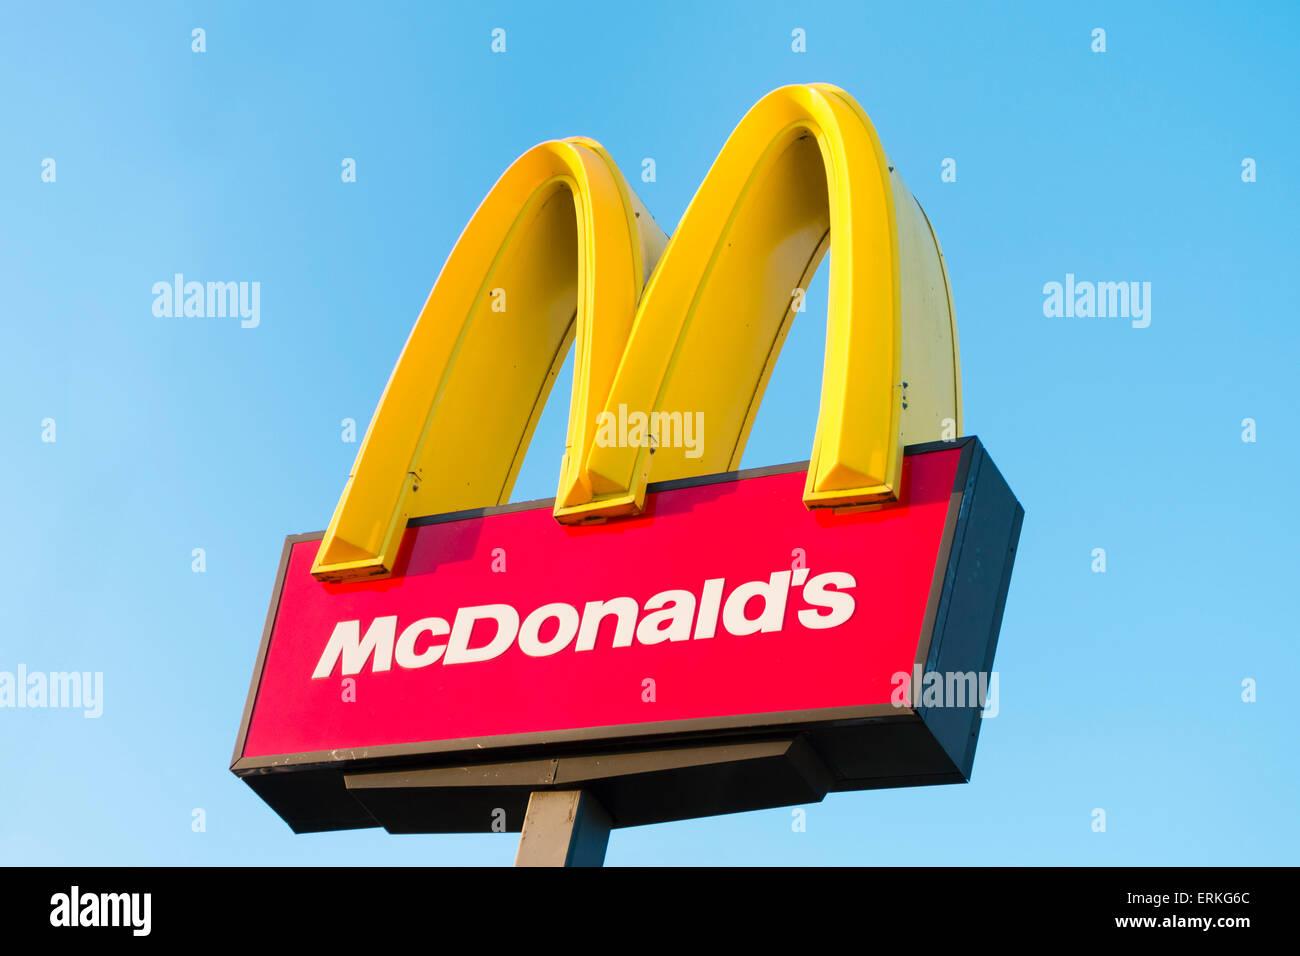 McDonalds sign, UK. - Stock Image